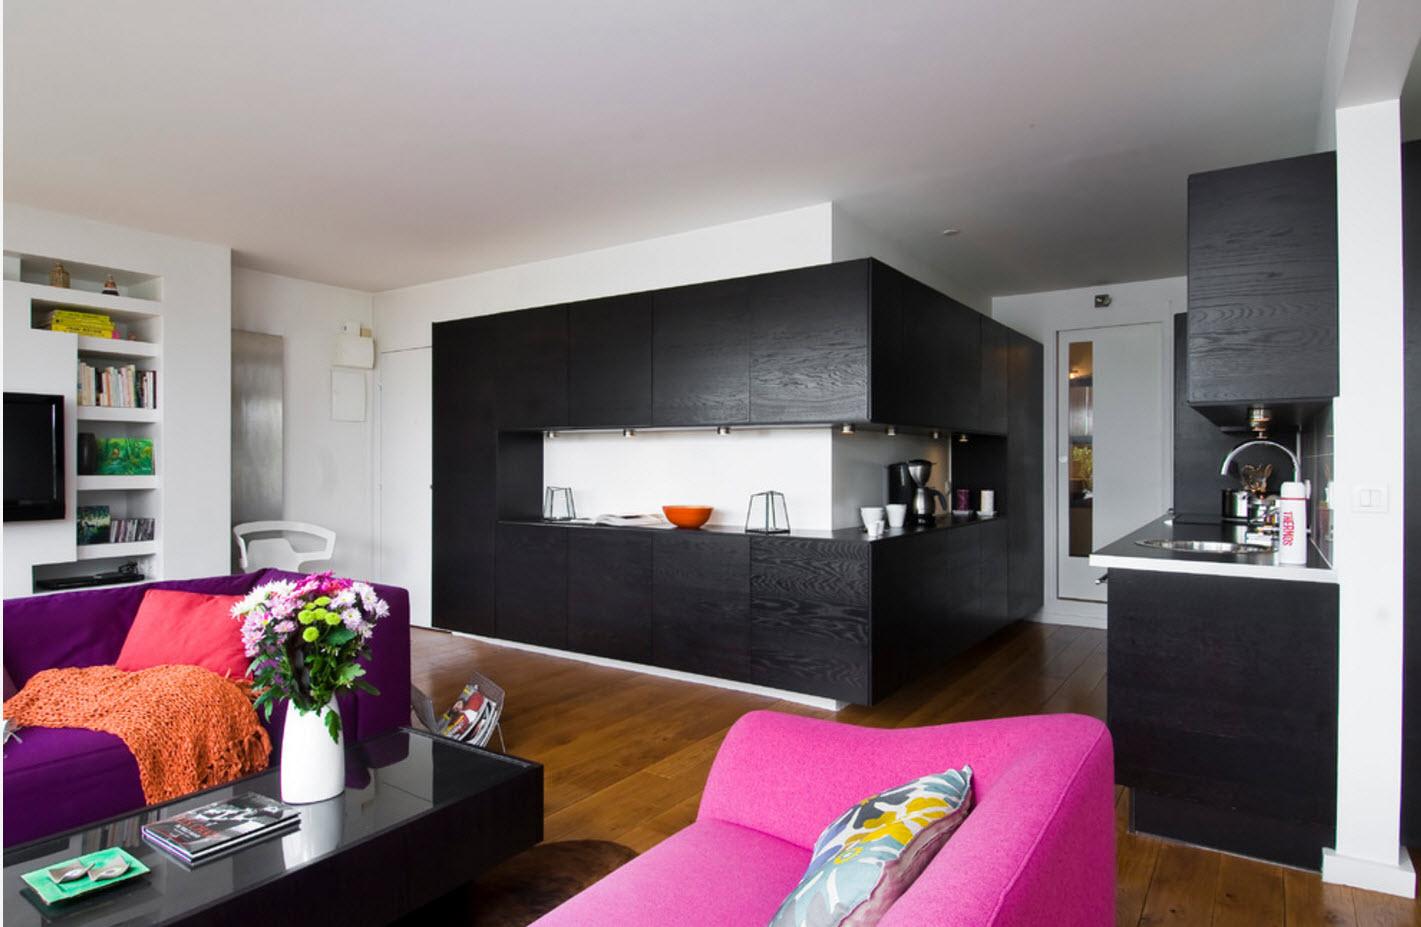 Необычное оформление кухонной зоны